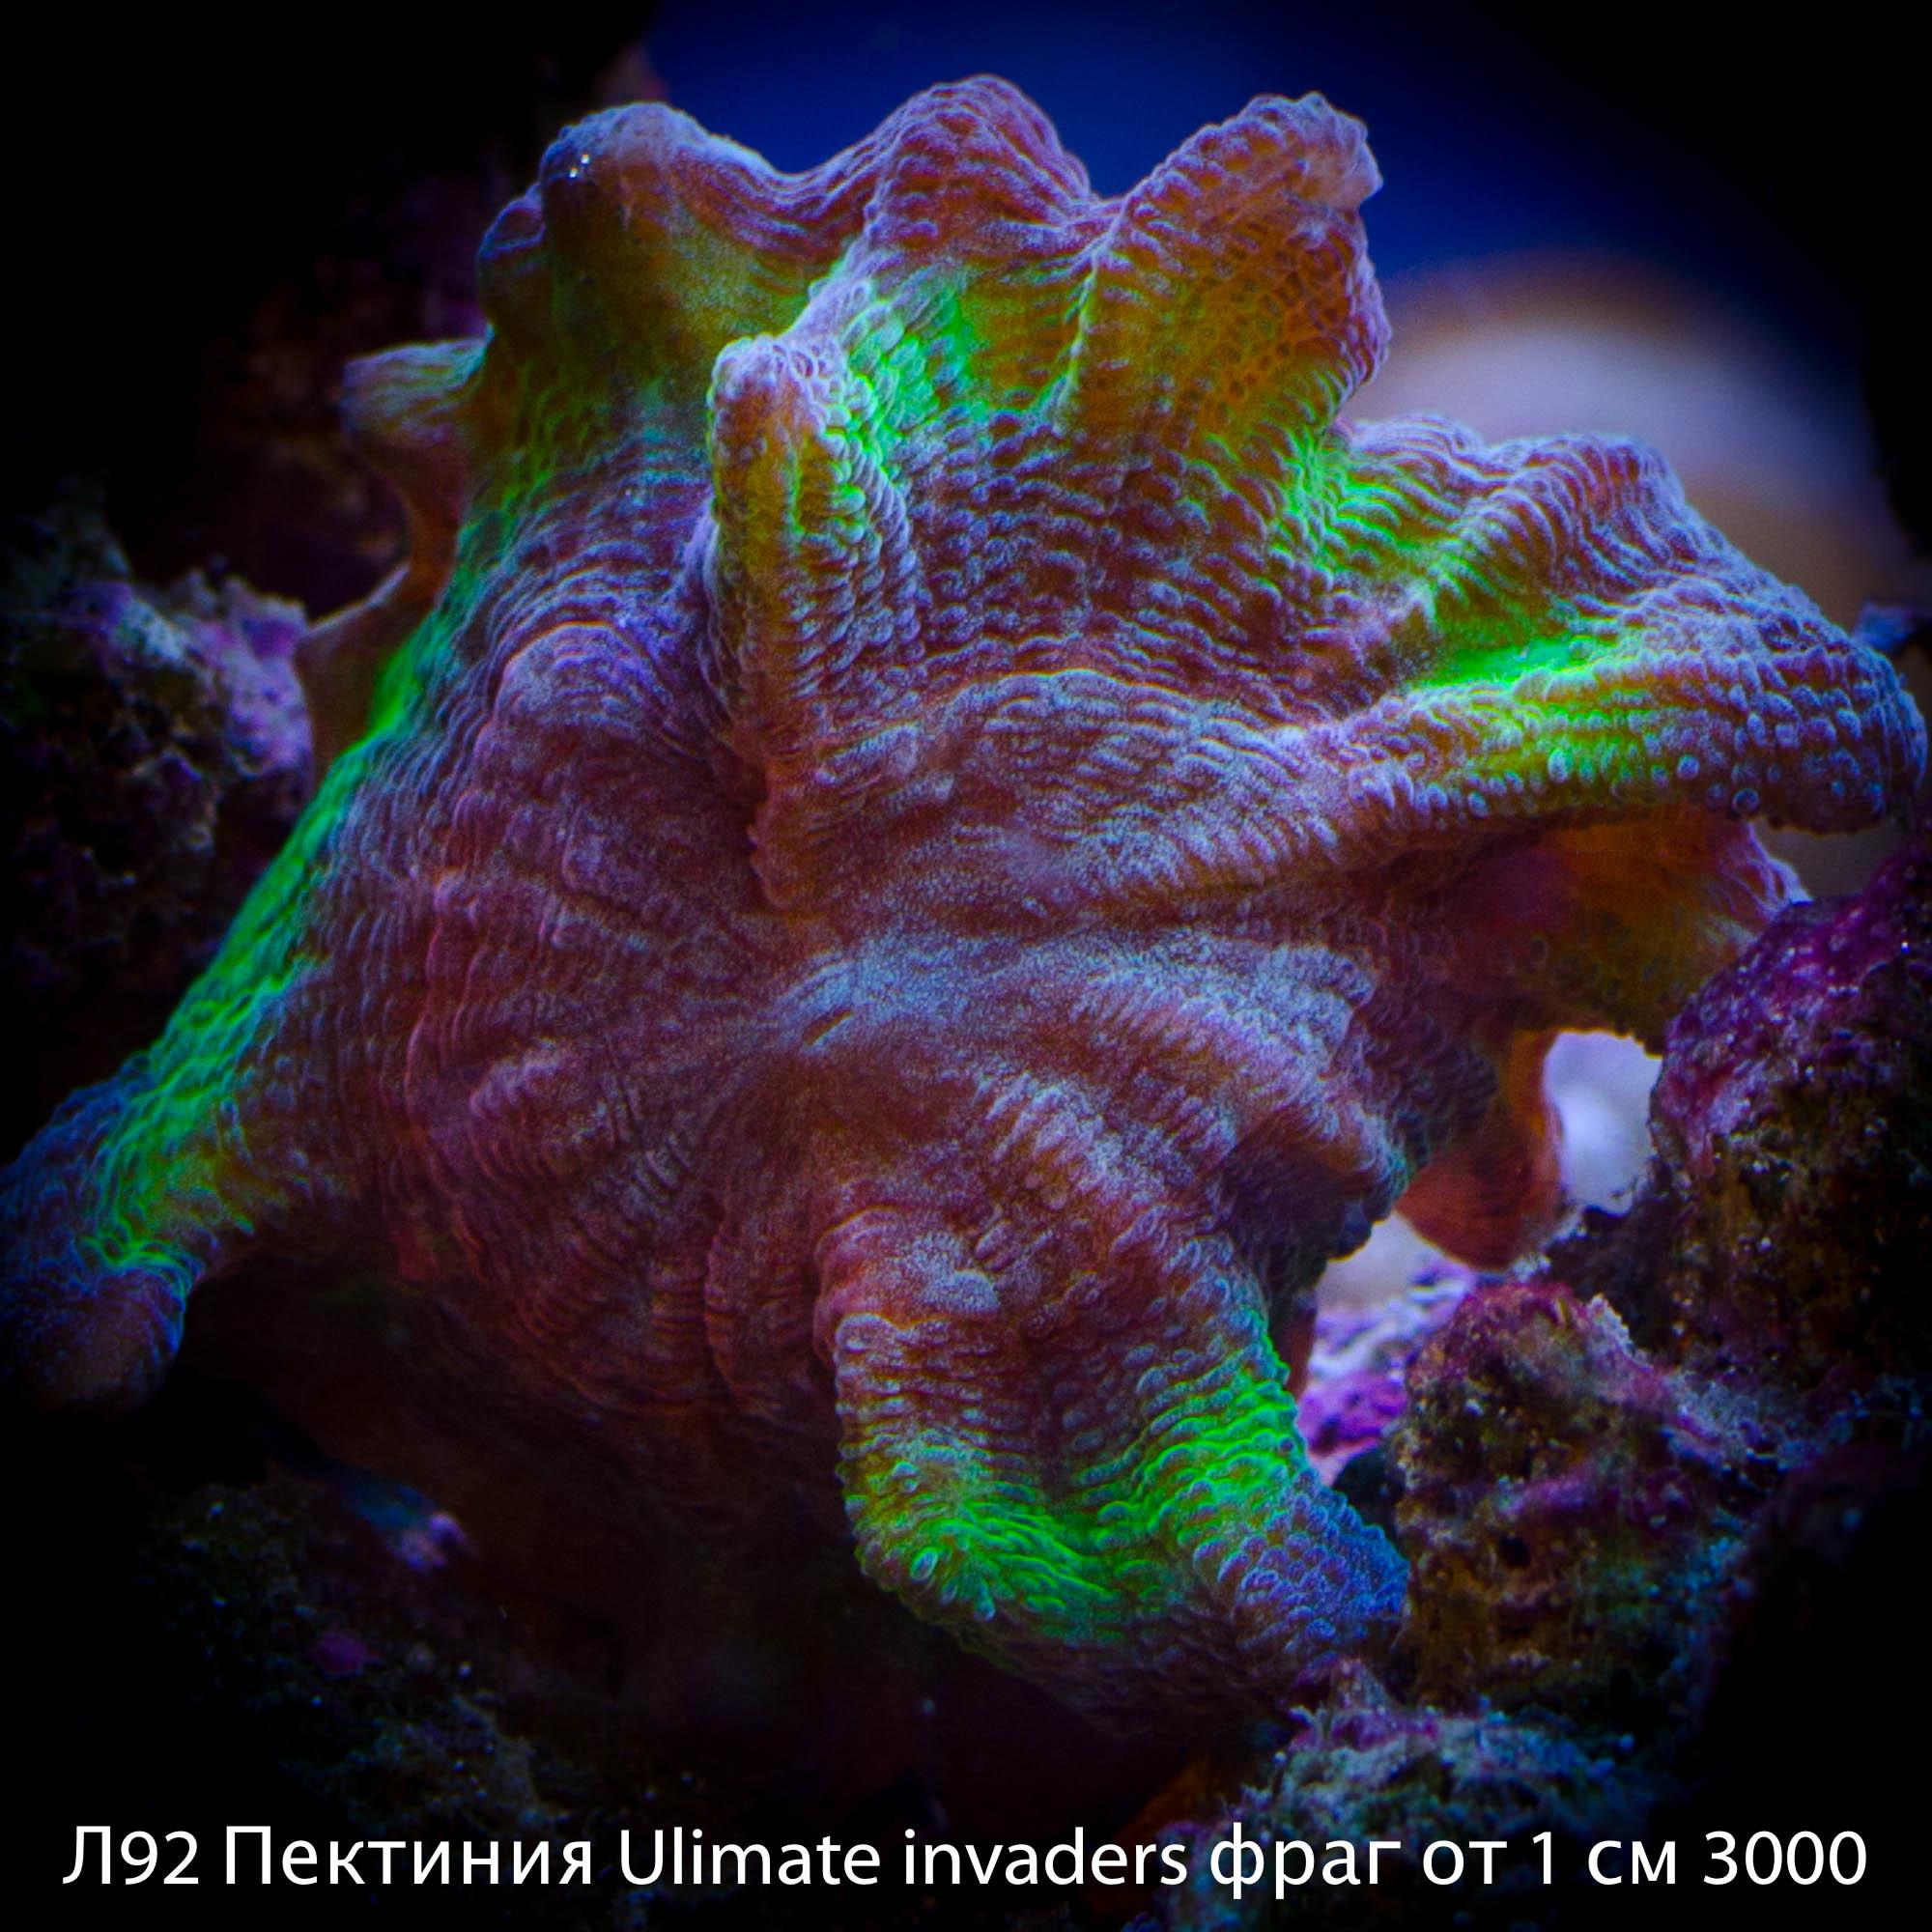 Л92 Пектиния Ulimate invaders фраг от 1 см 3000